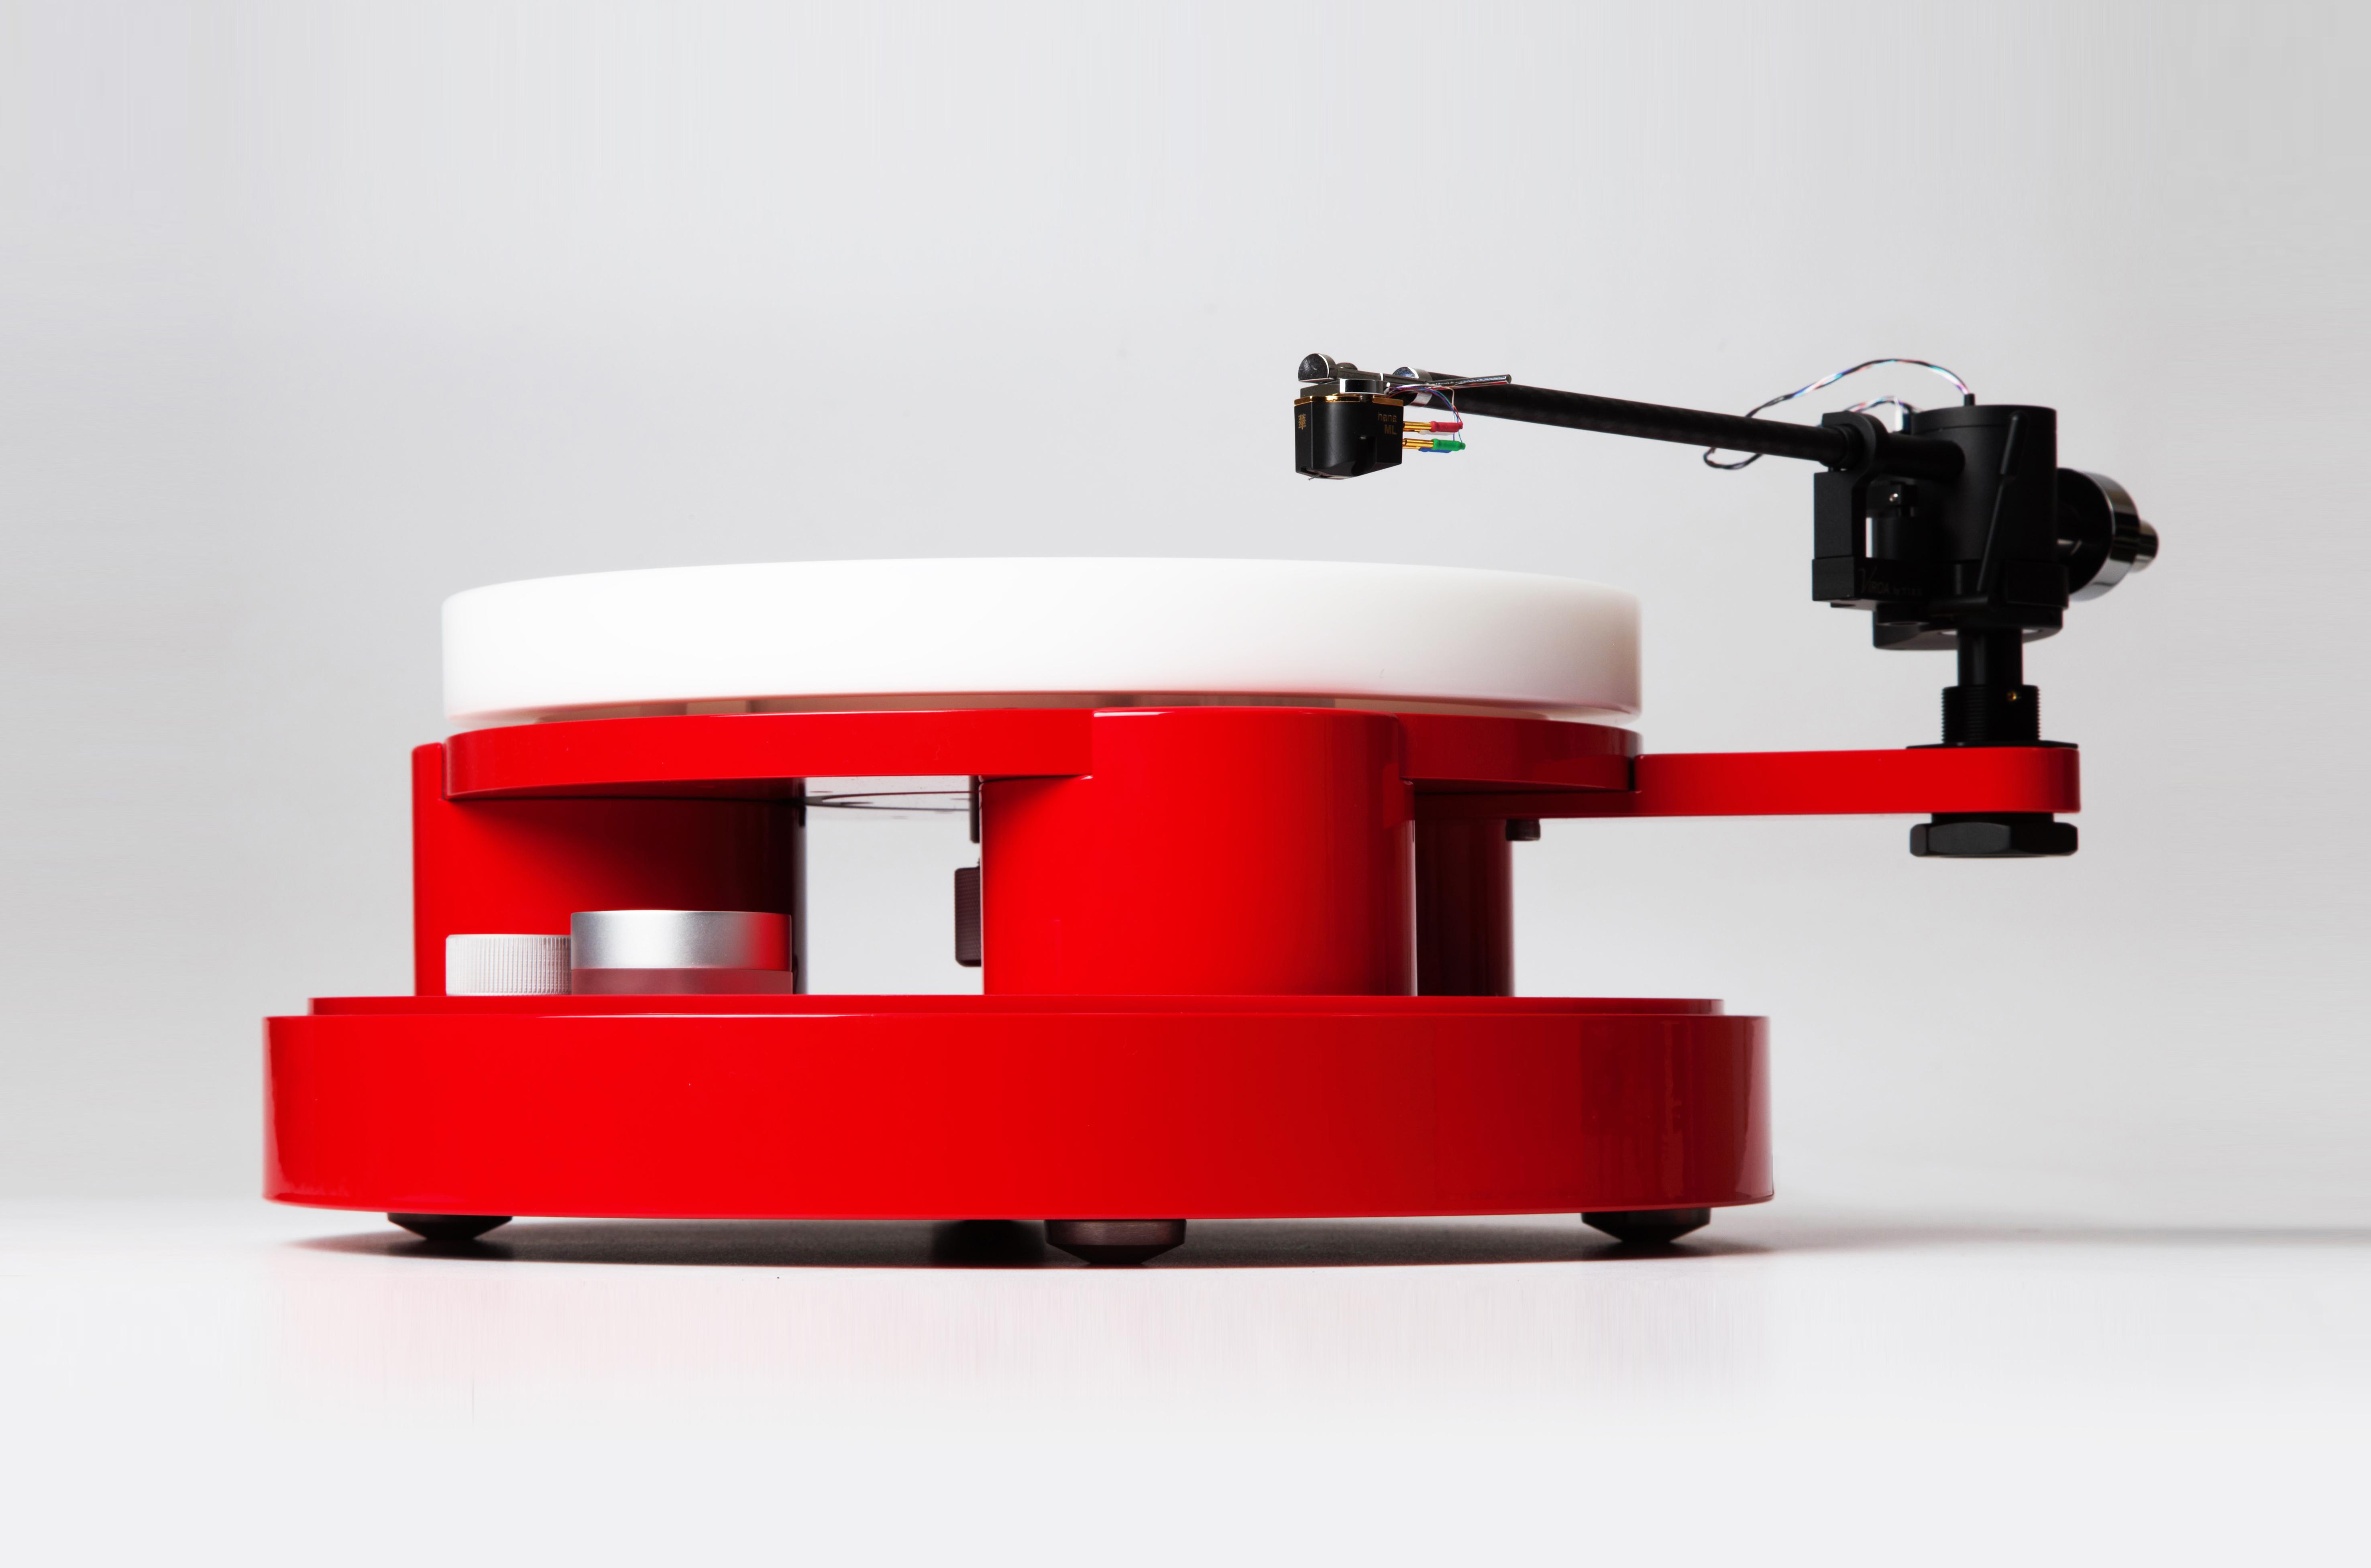 Tien TT5 Plattenspieler mit Magnetlager und Drehmomentsteuerung